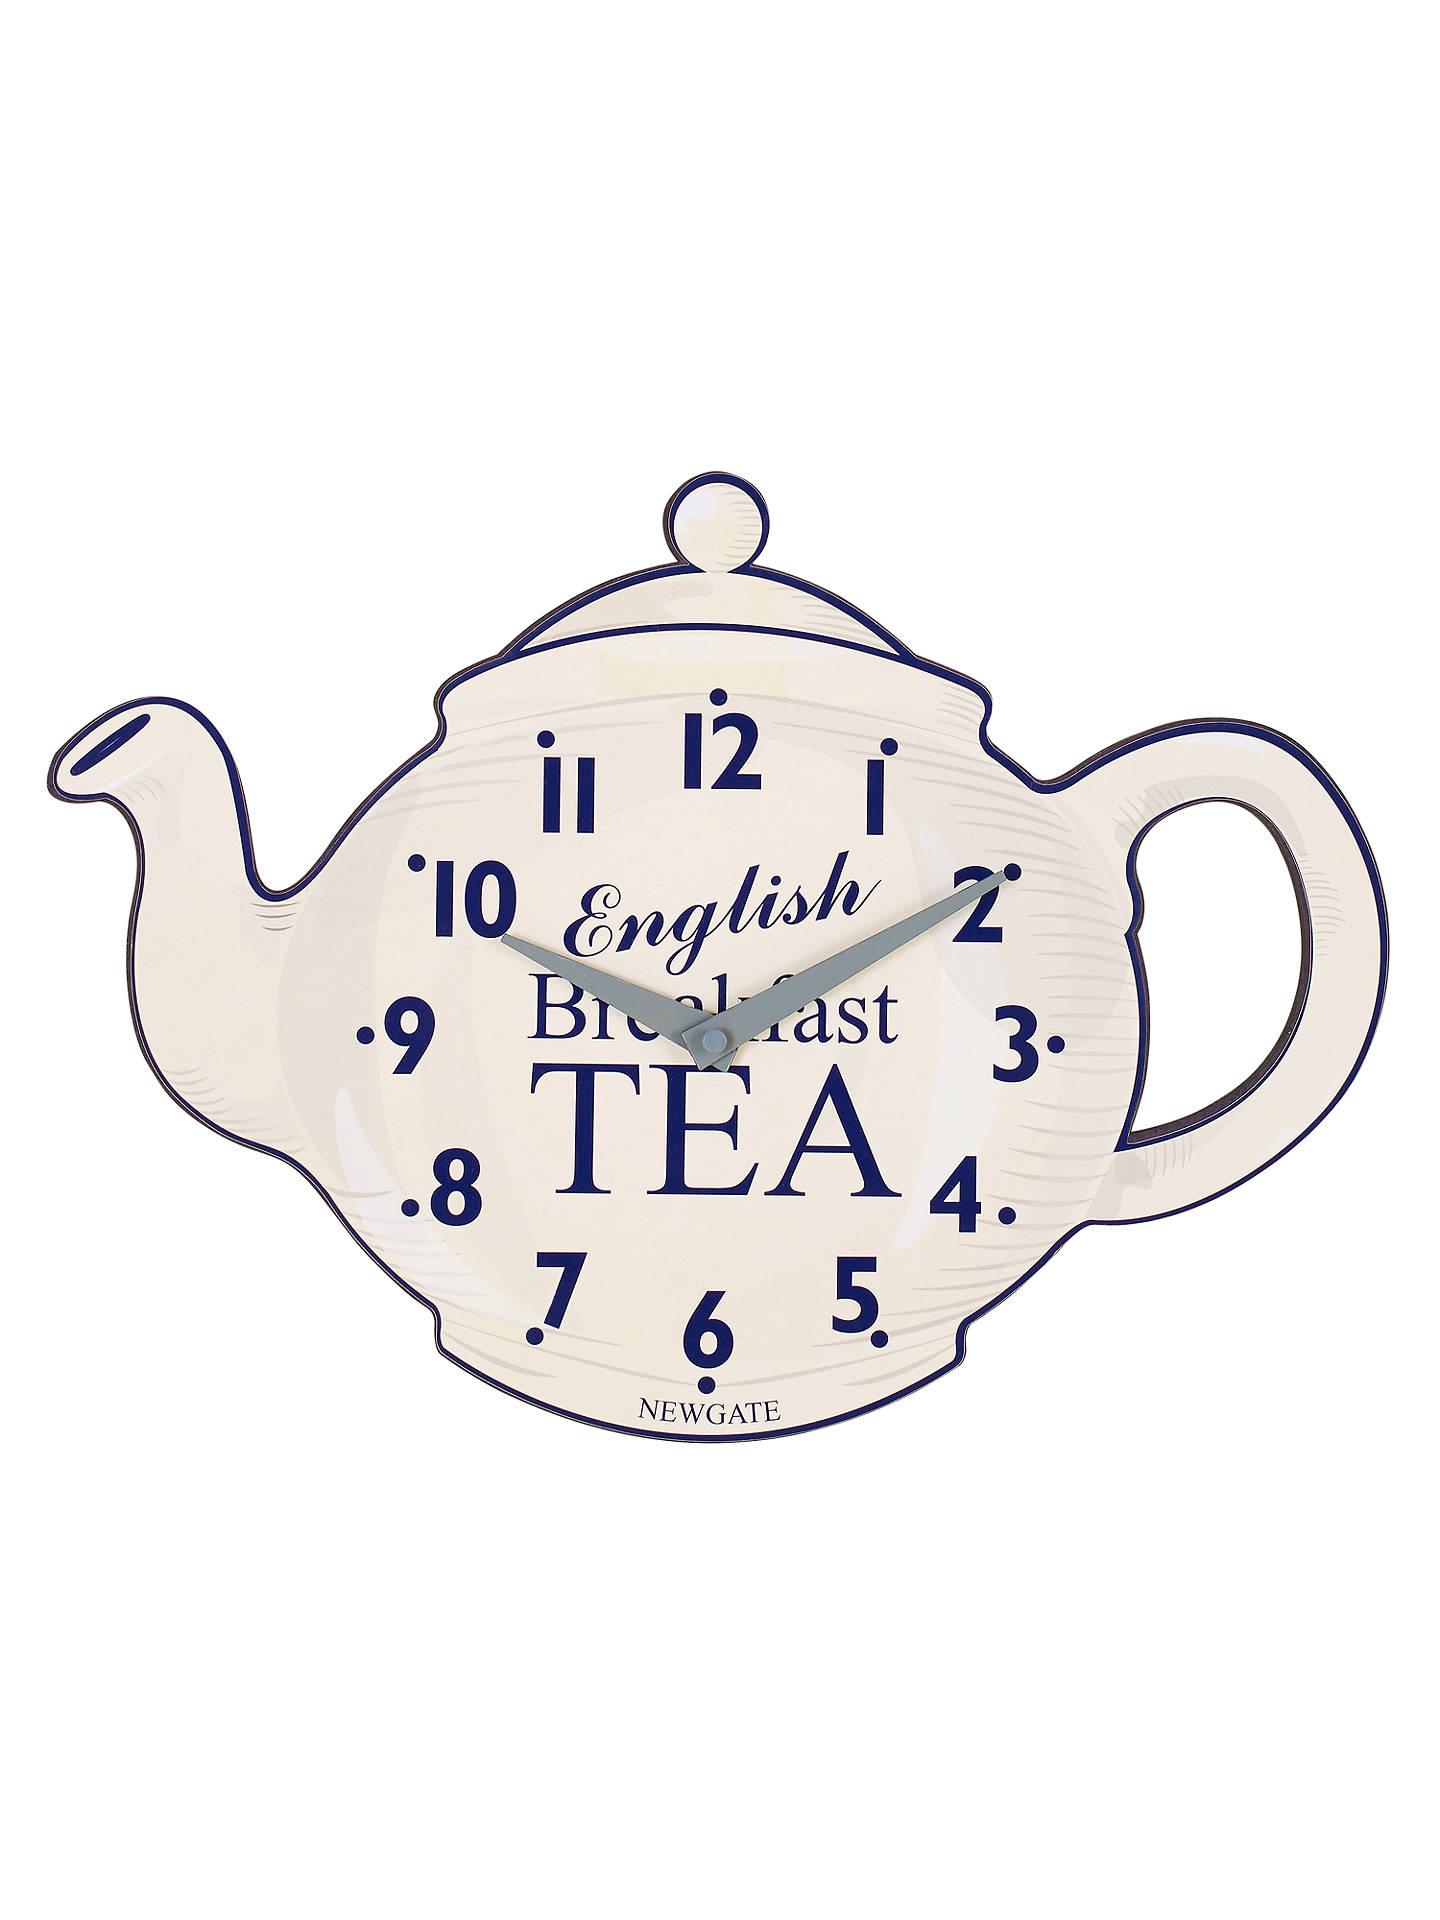 Newgate Teapot Wall Clock H275 X W385 X D45cm At John Lewis